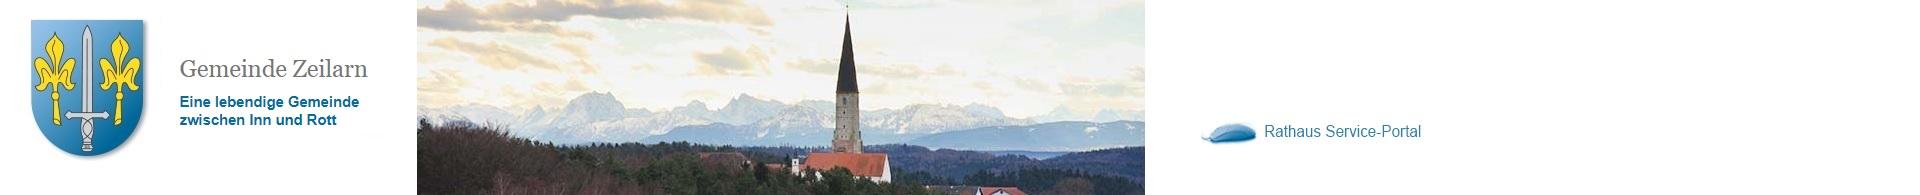 Gemeinde Zeilarn